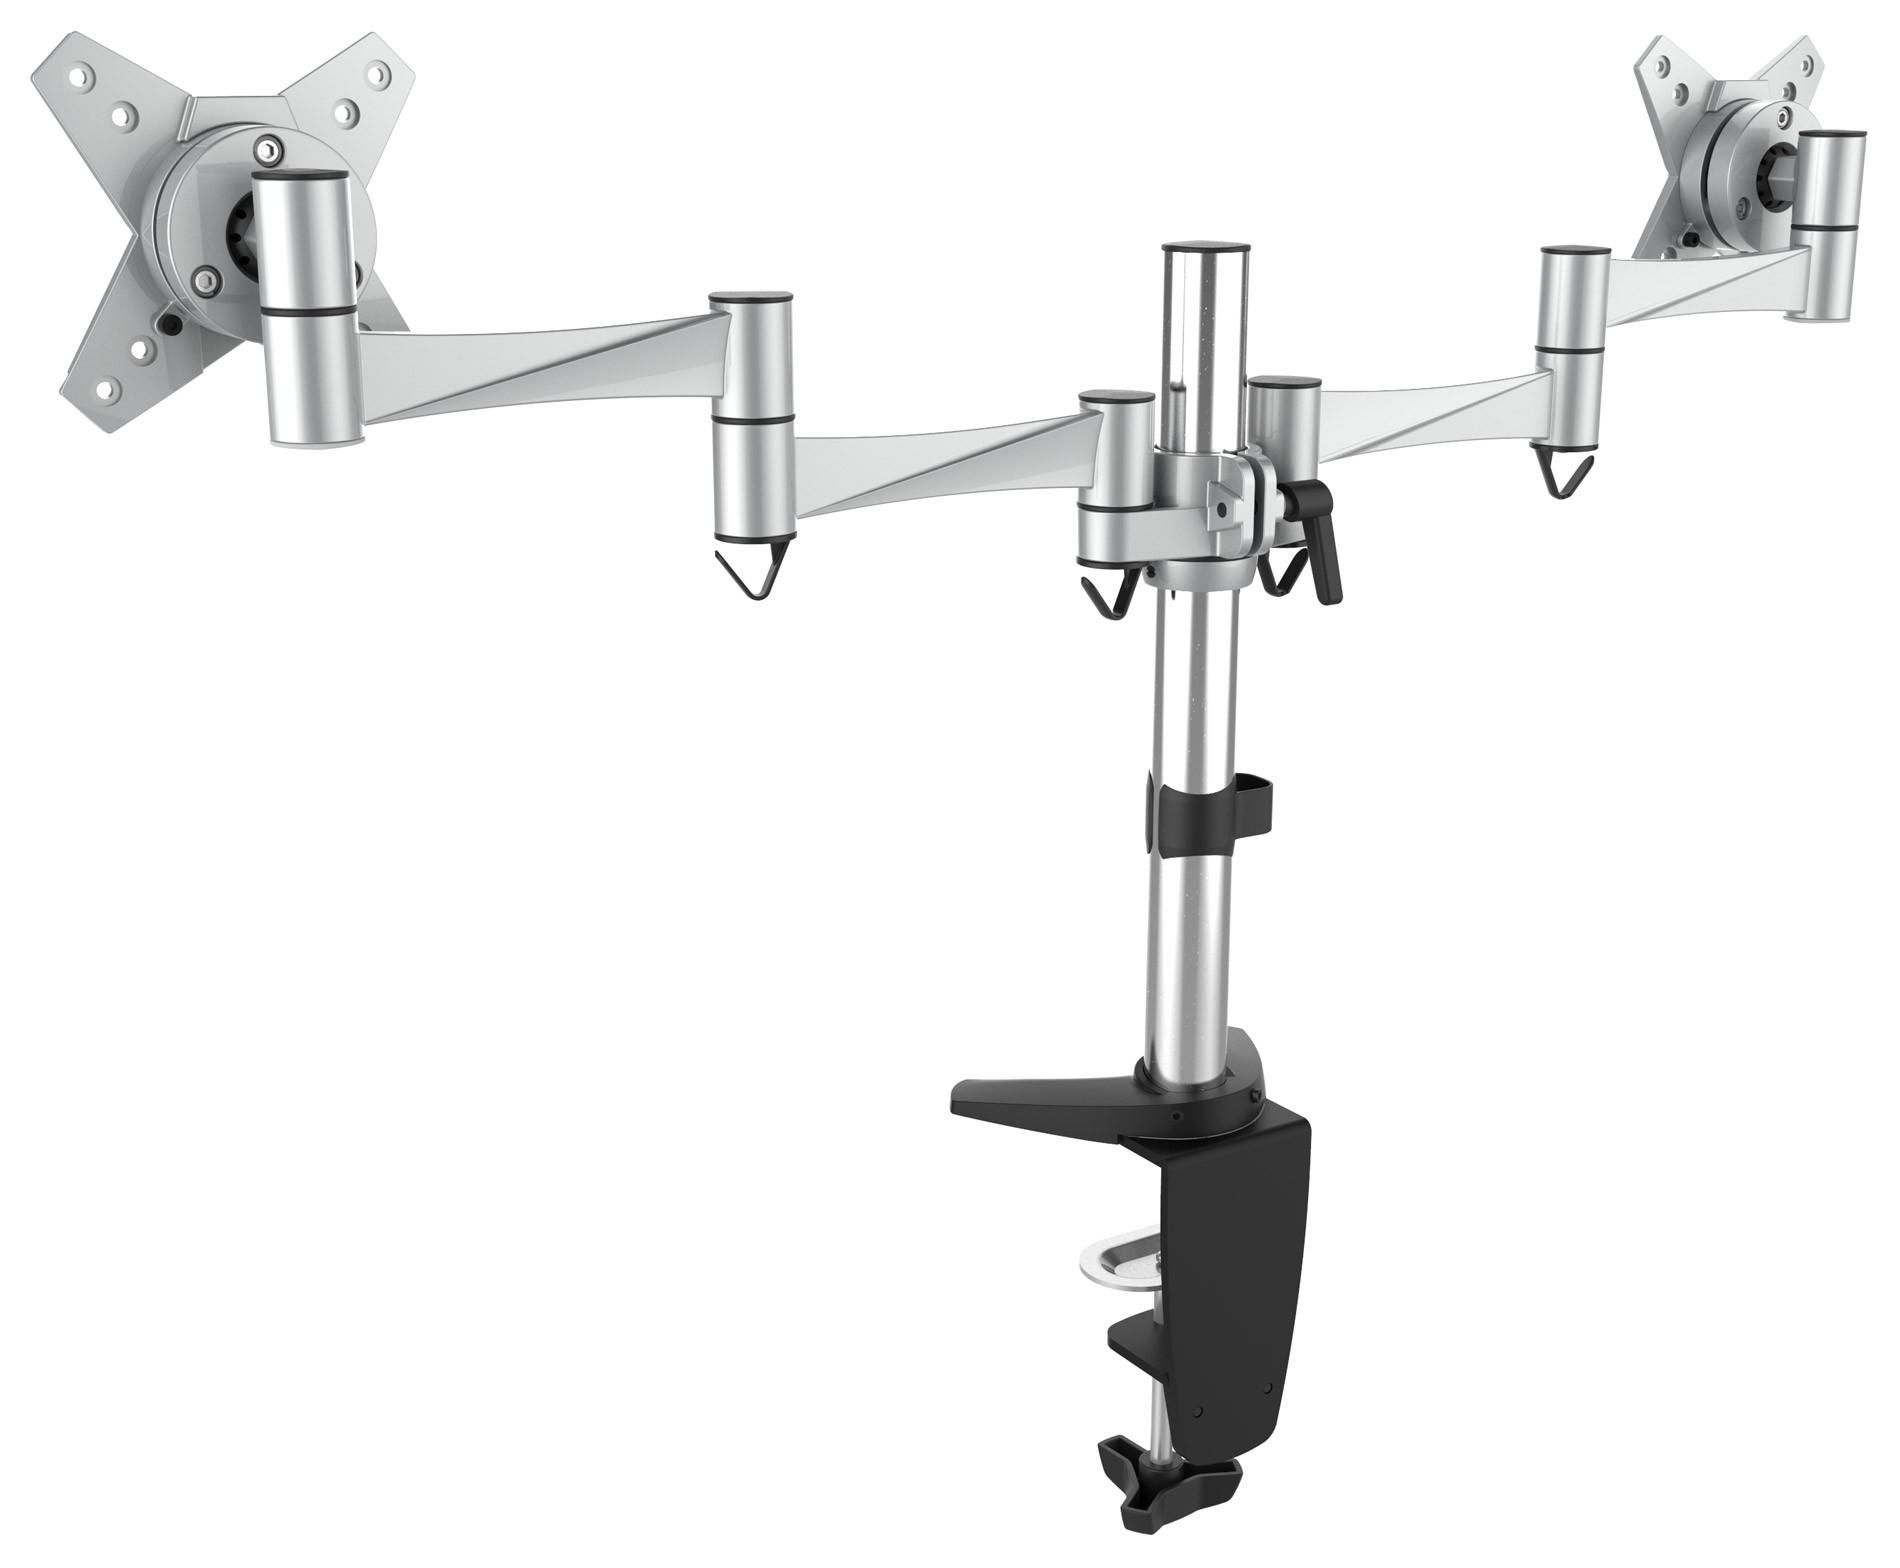 monitorhalterung f r schreibtisch pc bildschirm monitor. Black Bedroom Furniture Sets. Home Design Ideas